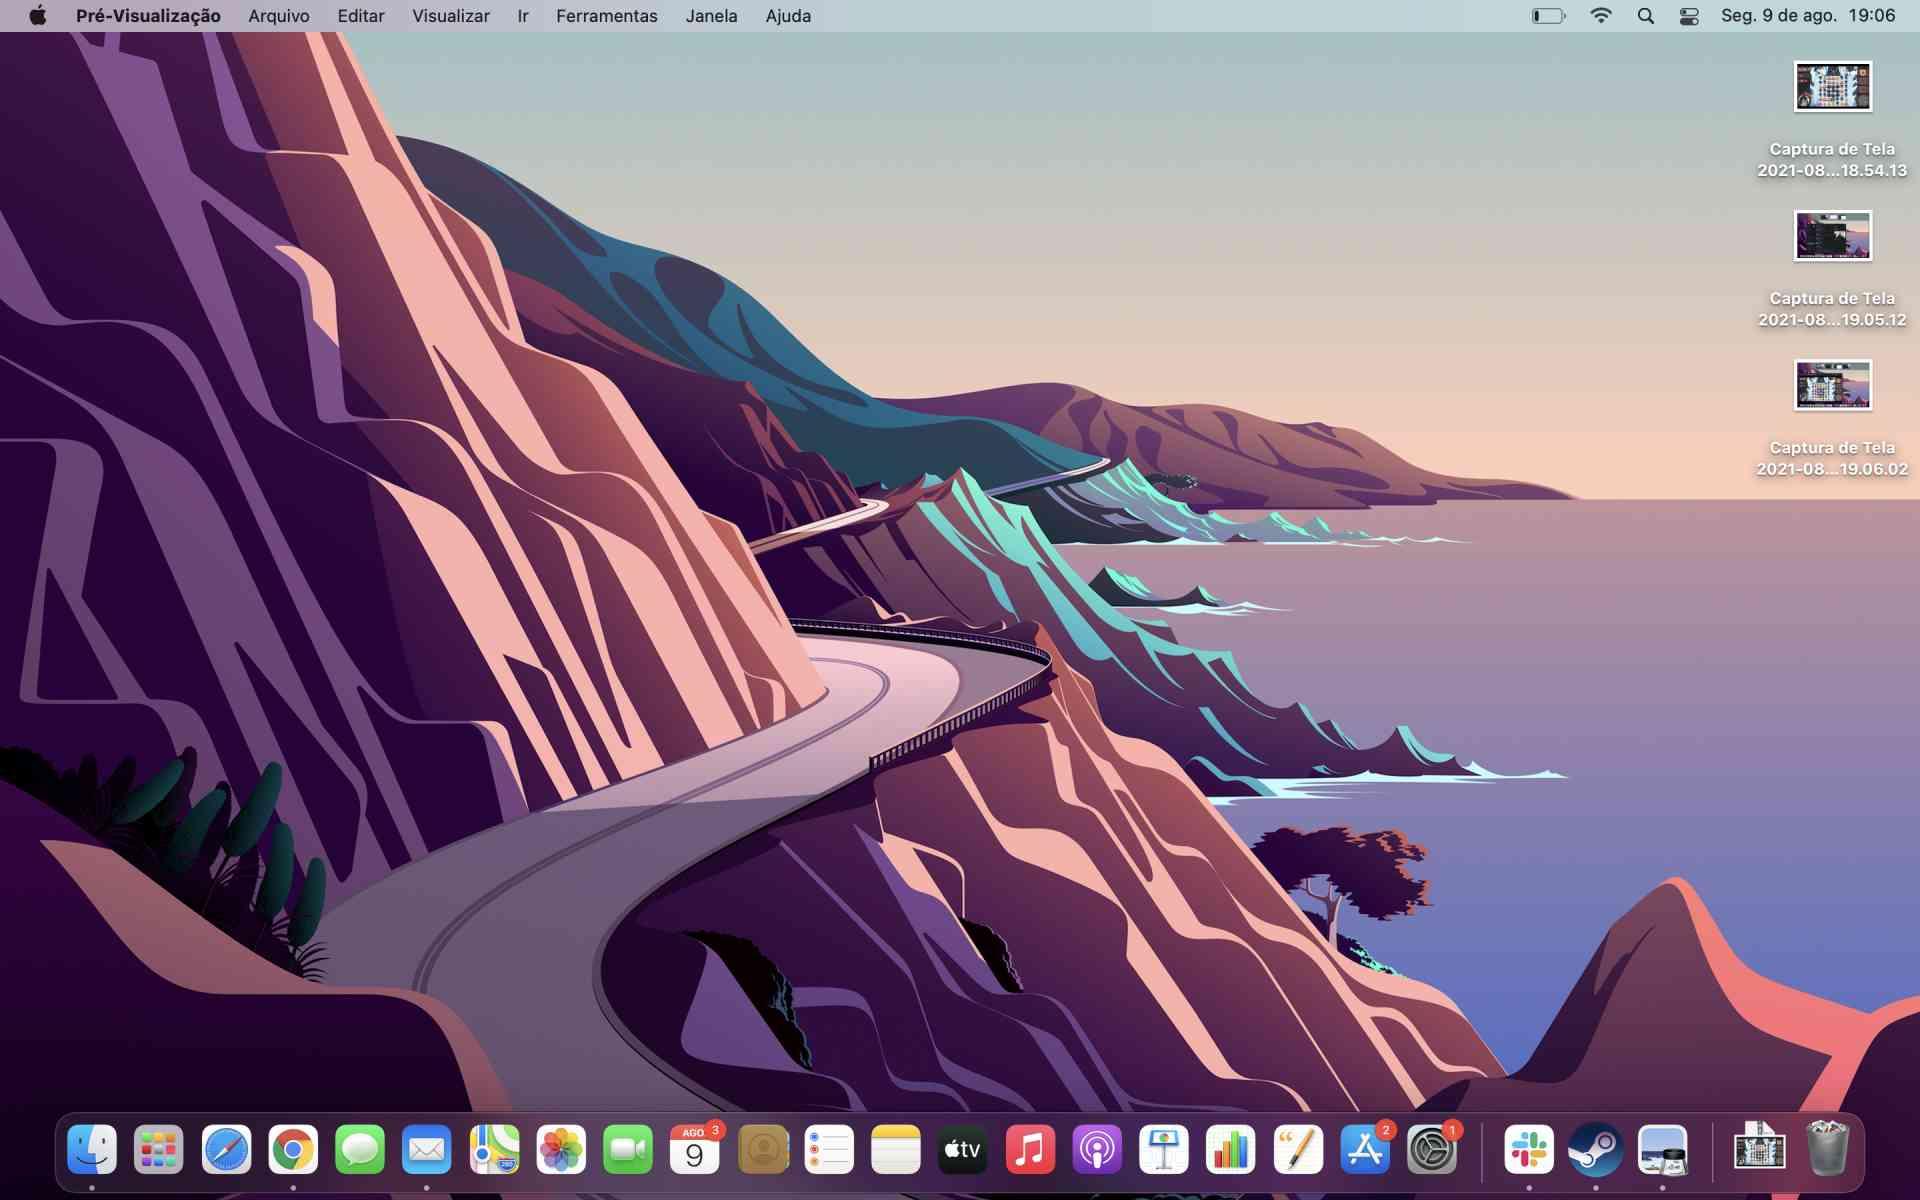 Captura de tela da página inicial do macOS Big Sur